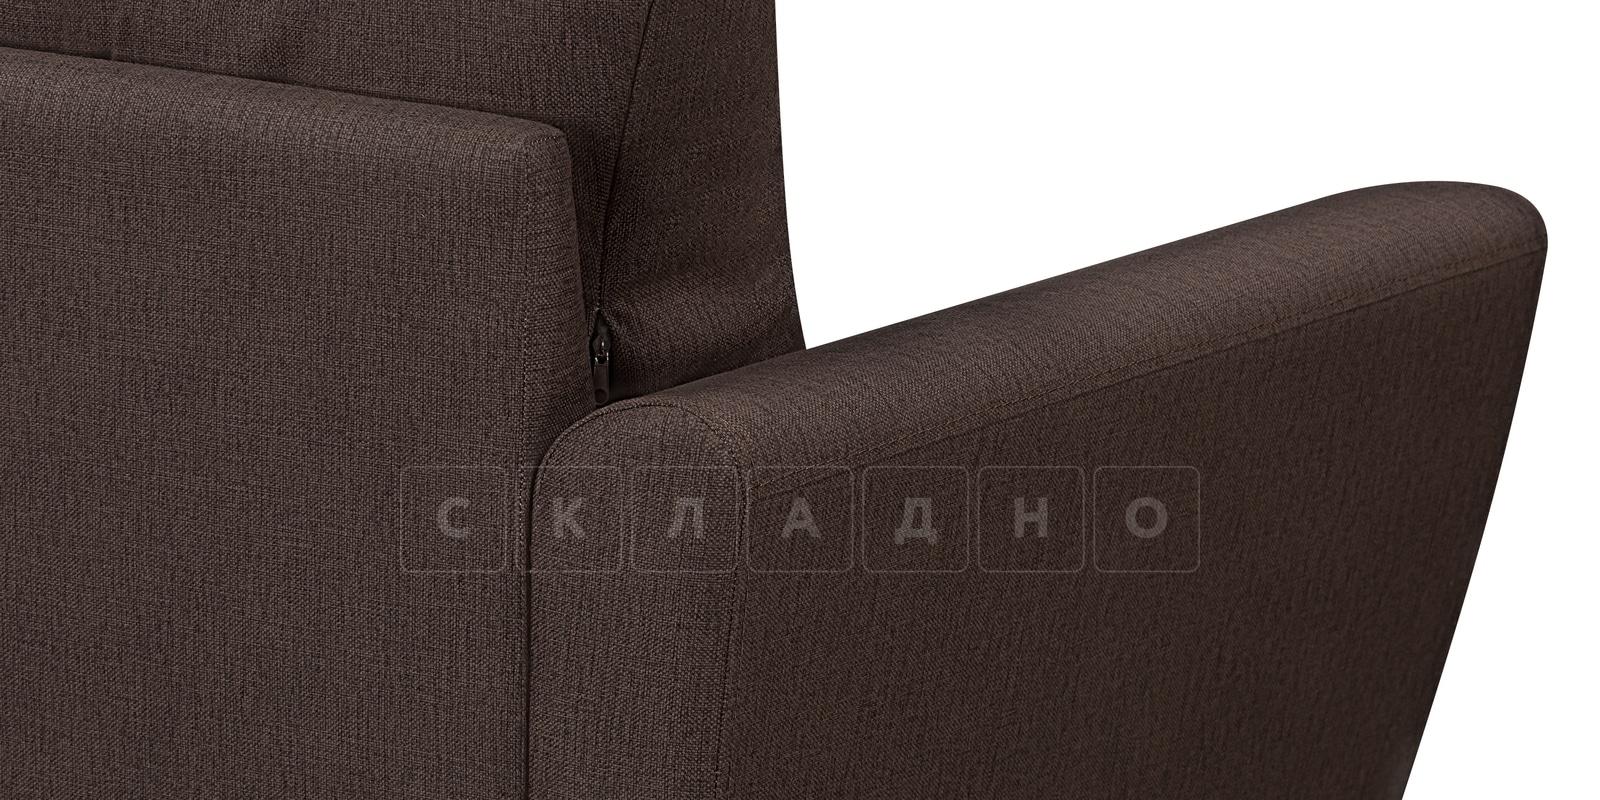 Кресло Амстердам коричневого цвета фото 4 | интернет-магазин Складно